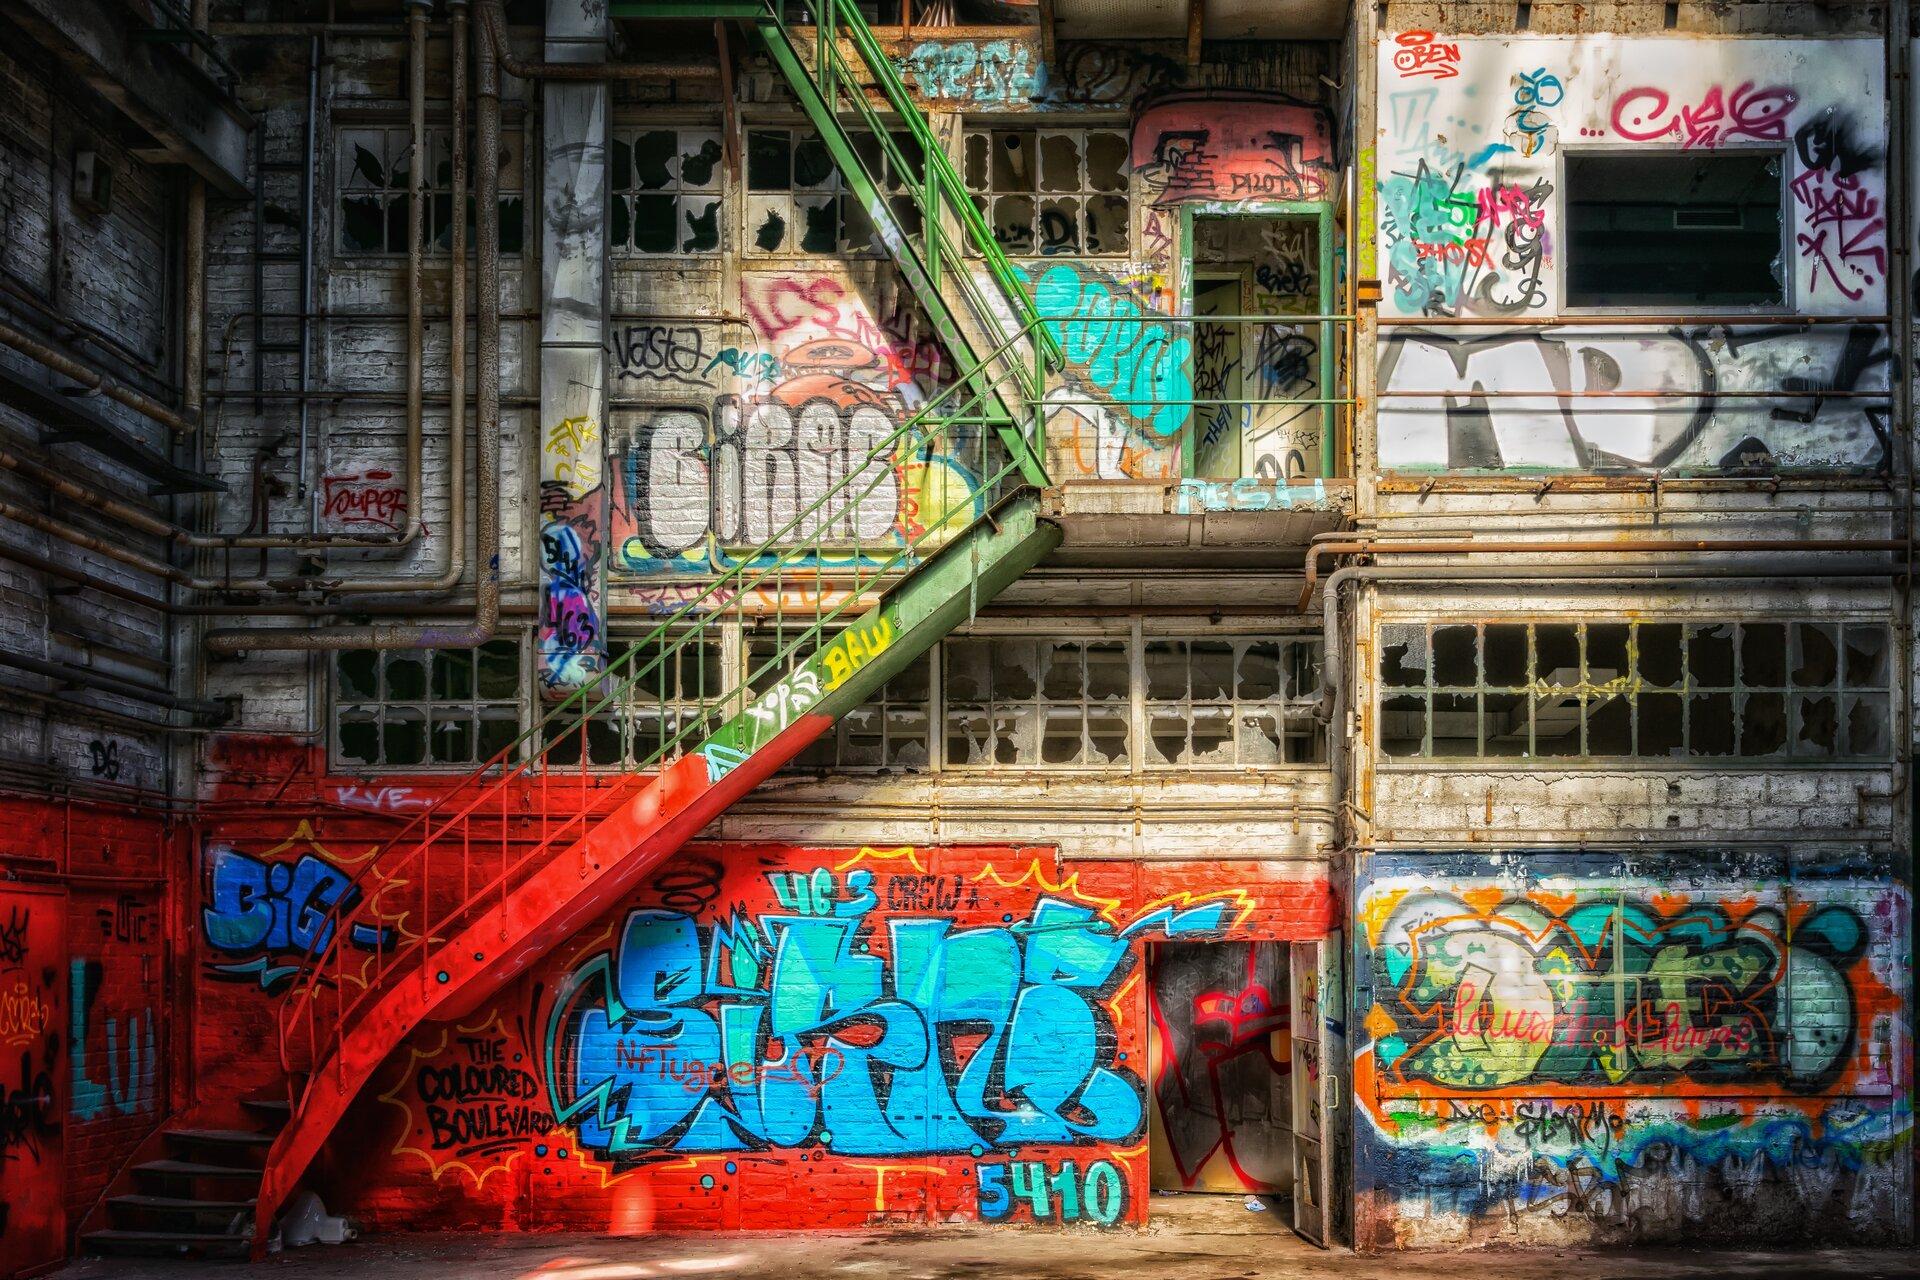 Ilustracja przedstawia zdjęcie, na którym cały budynek został zamalowany wielobarwnymi graffiti. Są to głównie duże napisy otoczone czarnymi konturami. Dodatkowo wprowadzono też krótkie hasła pisane sprayem, aczasem wypełniono jedną plamą barwną tło.